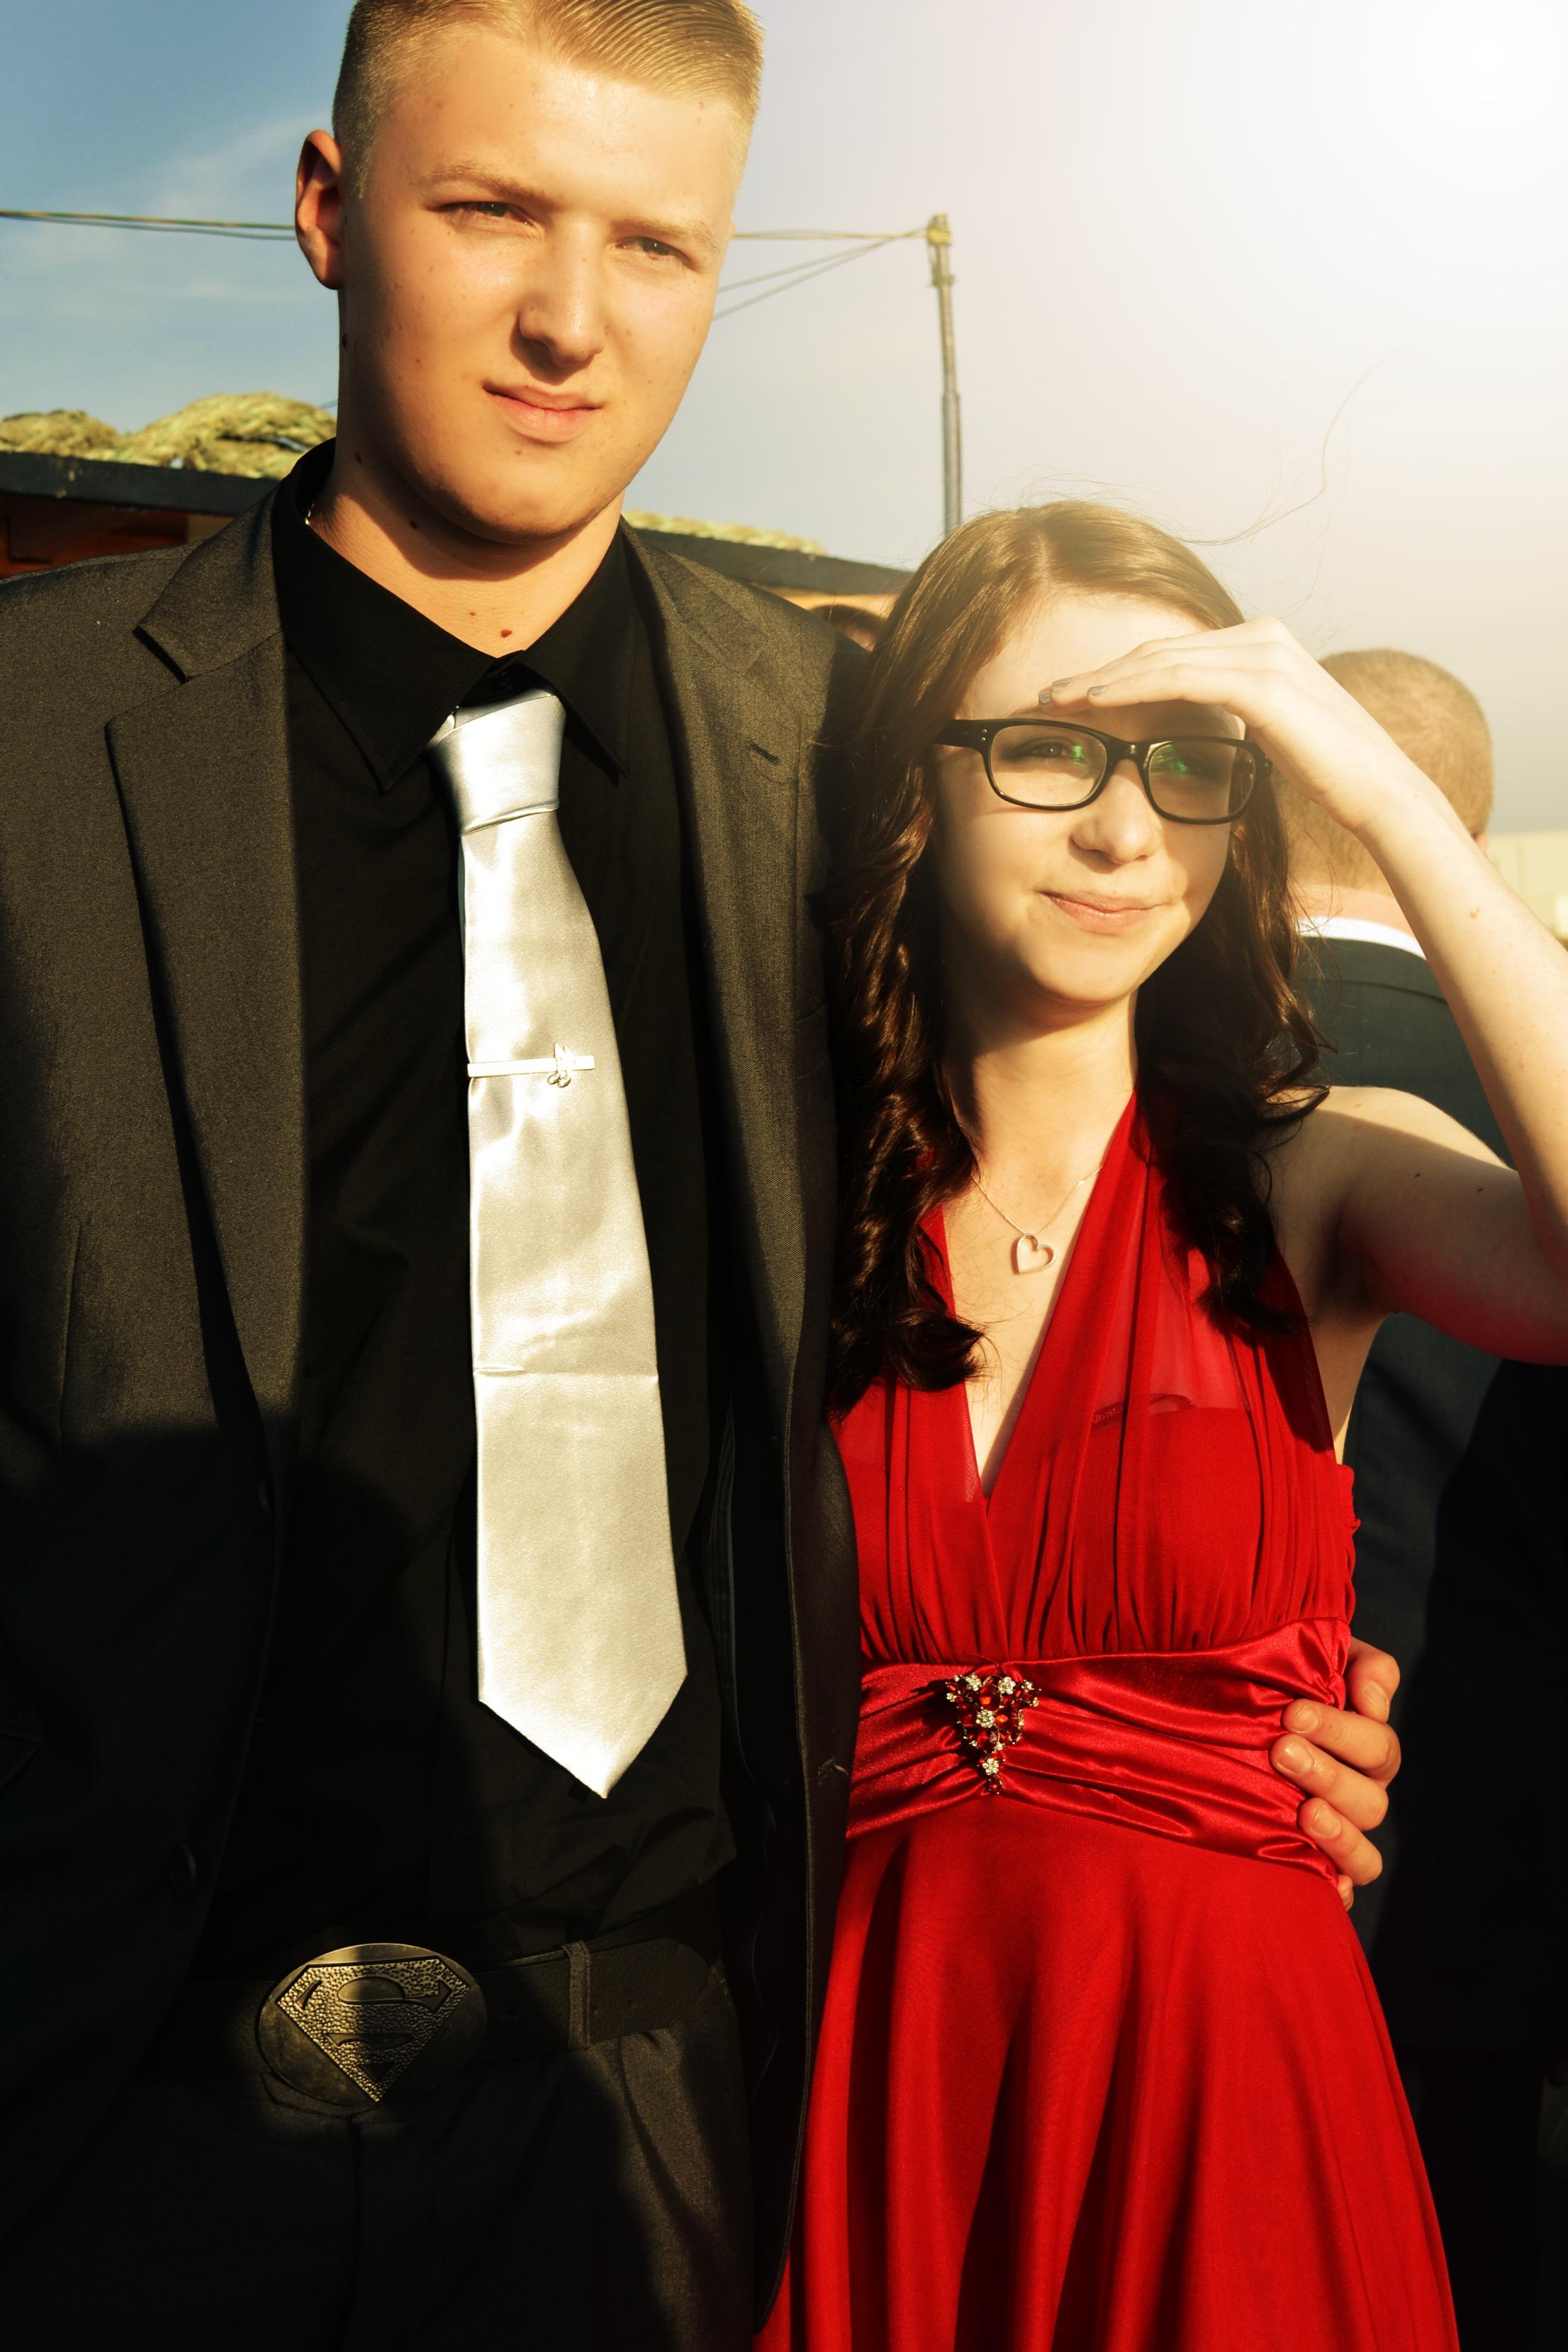 Aaron and Josie